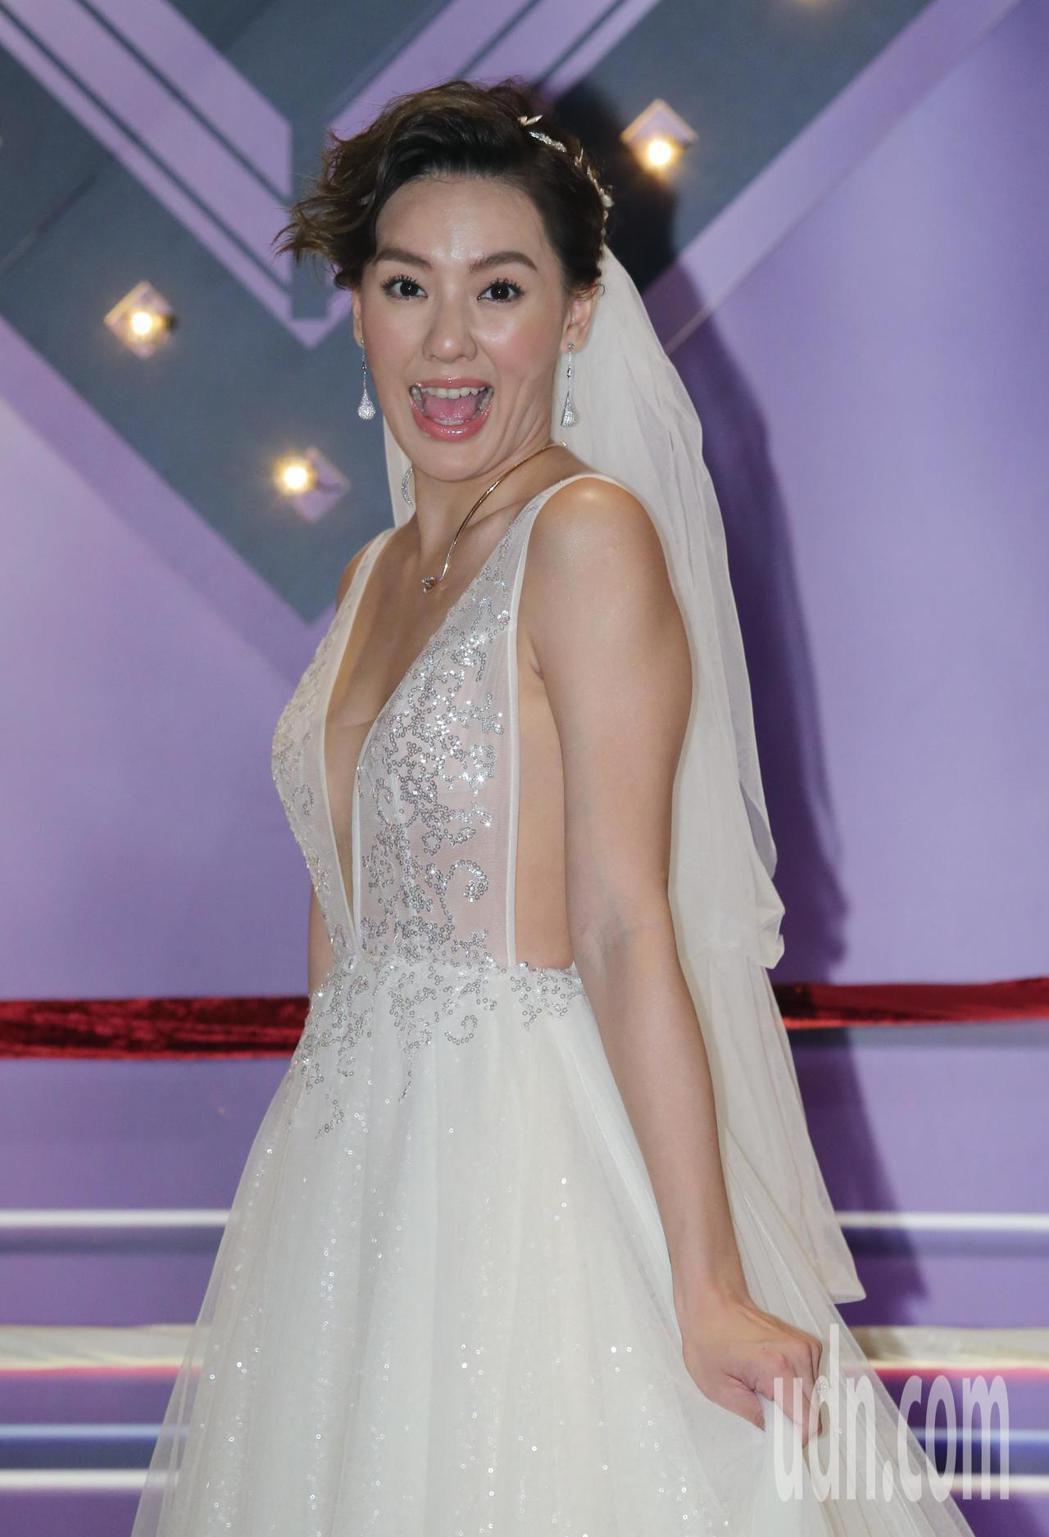 藝人劉雨柔舉辦婚禮。記者許正宏/攝影